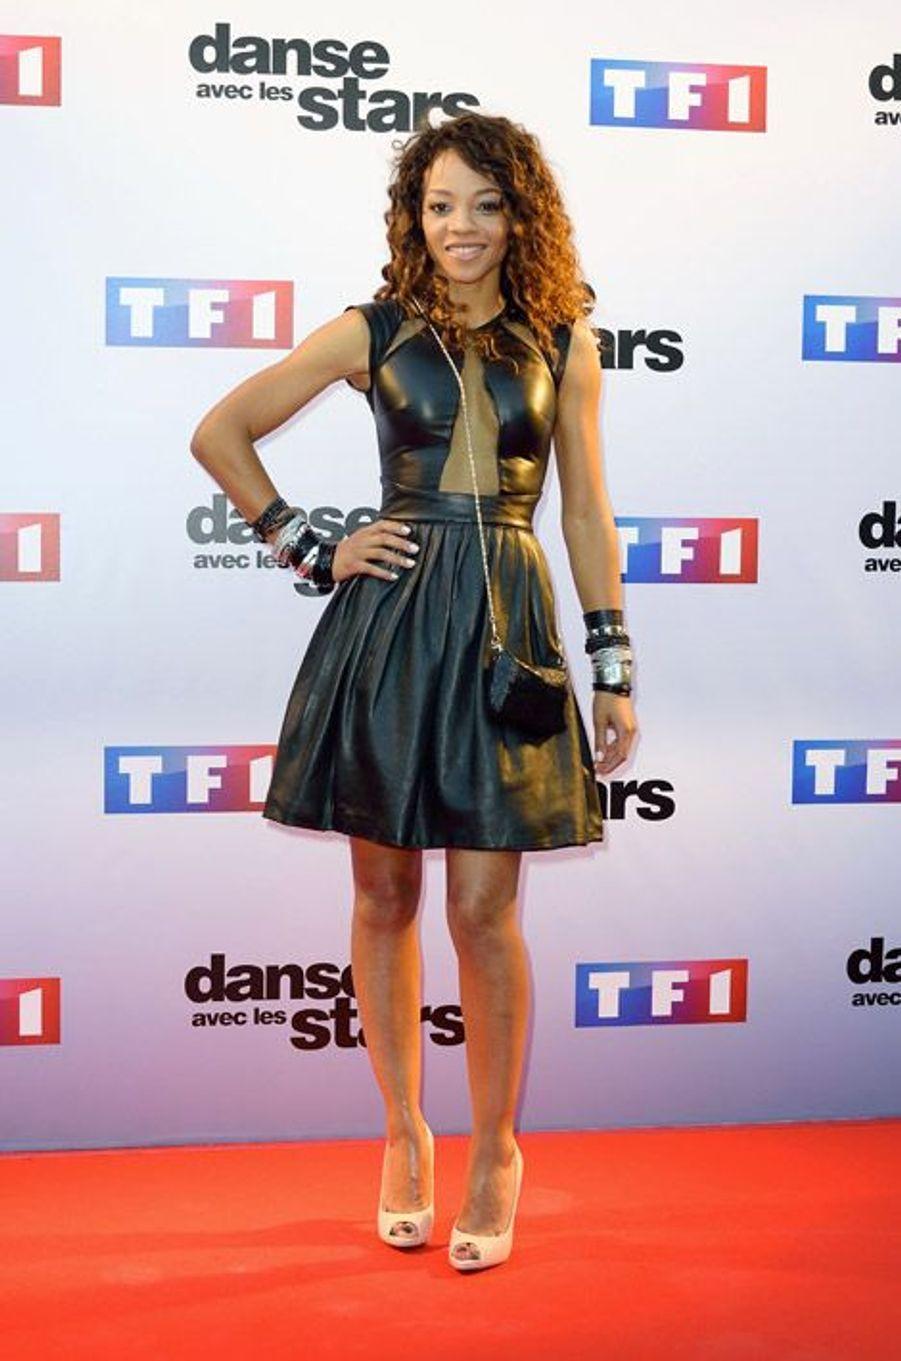 La chanteuse Louisy Joseph lors de la conférence de presse de Danse avec les stars 5, le 10 septembre 2014 à Paris